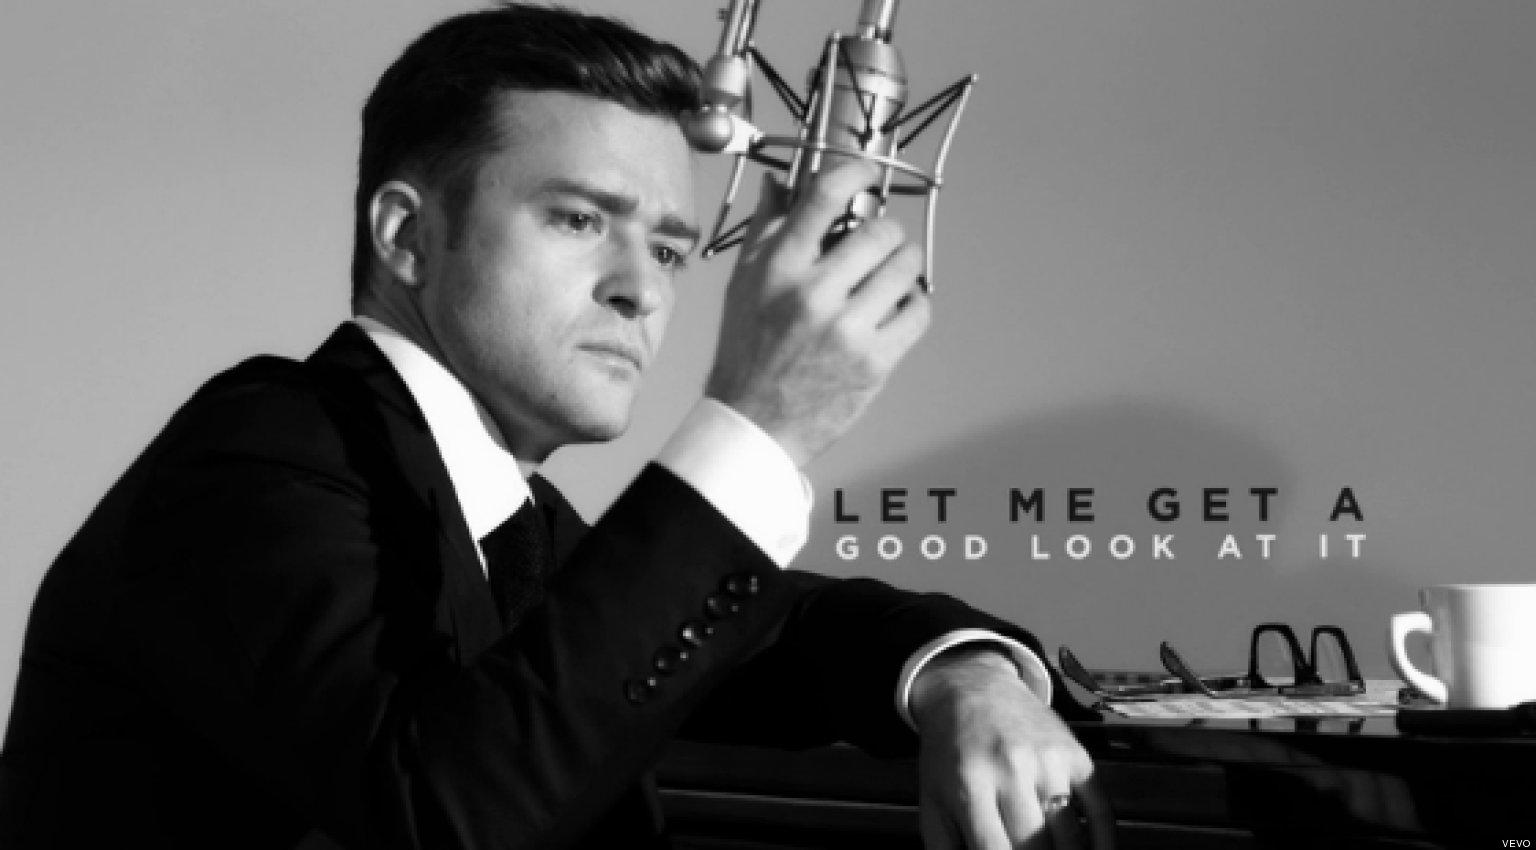 'Suit & Tie' Lyric Video: Justin Timberlake Gets Dressed ... Justin Timberlake Suit And Tie Lyrics